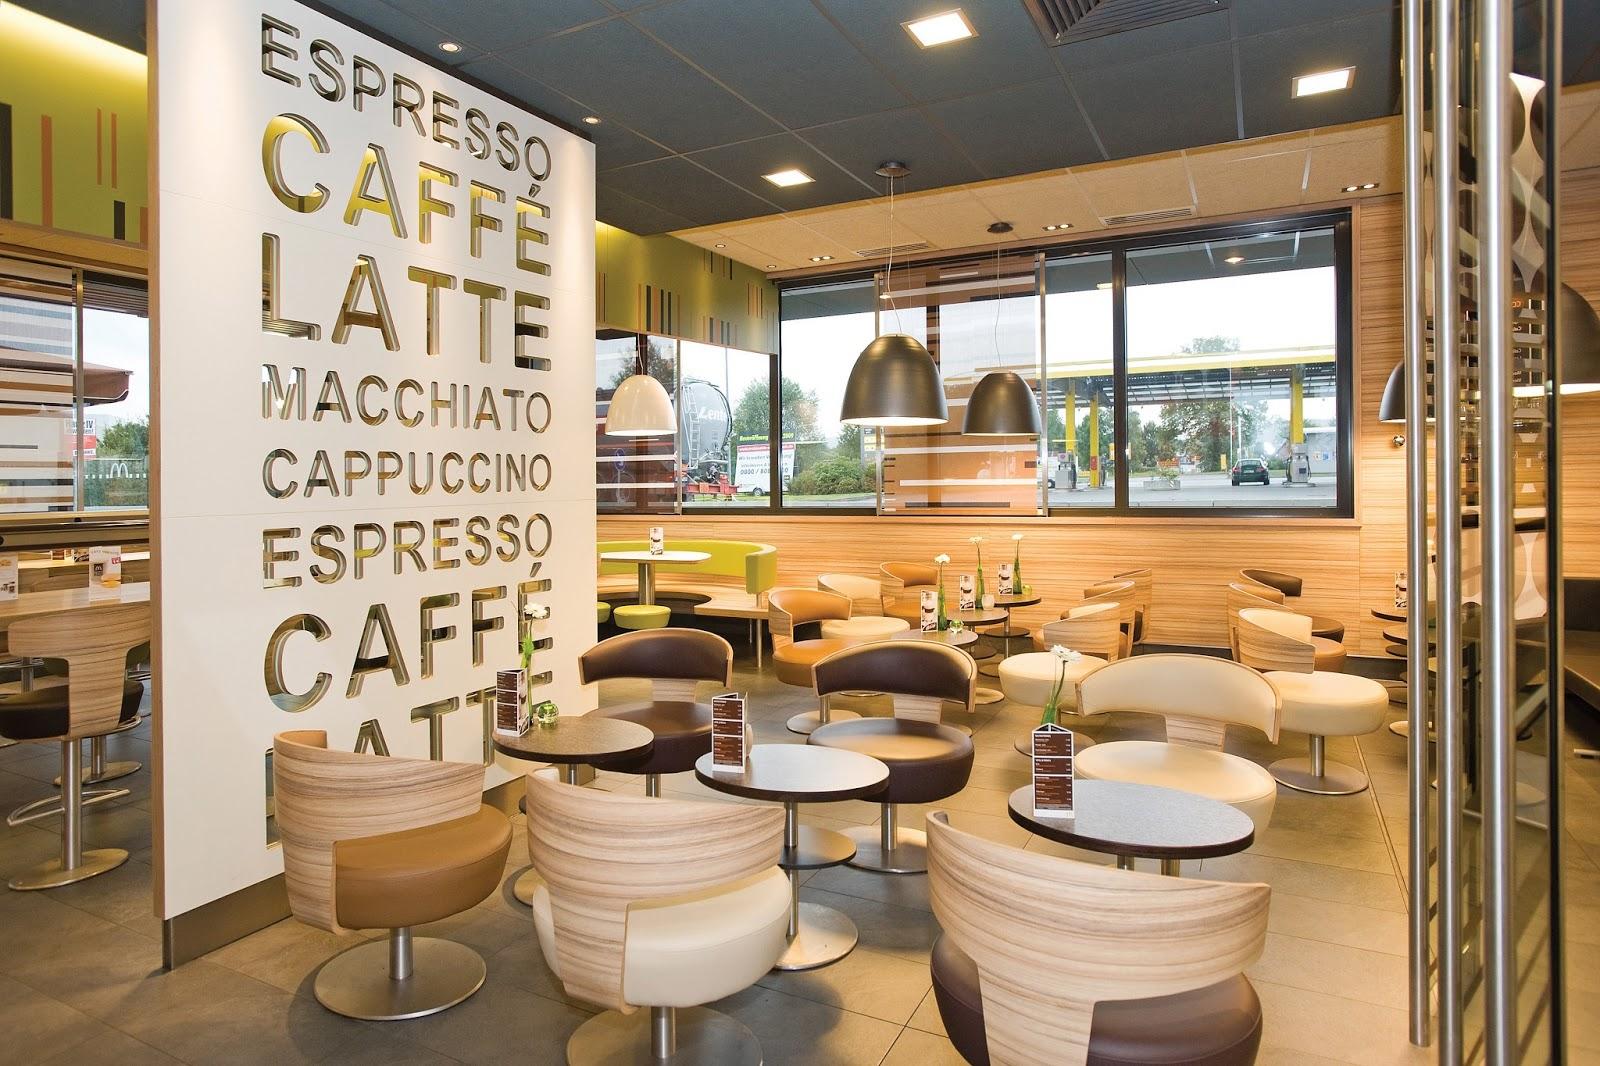 Barquitec dise o de restaurantes gu a para dummies for Diseno de interiores cafeterias pequenas